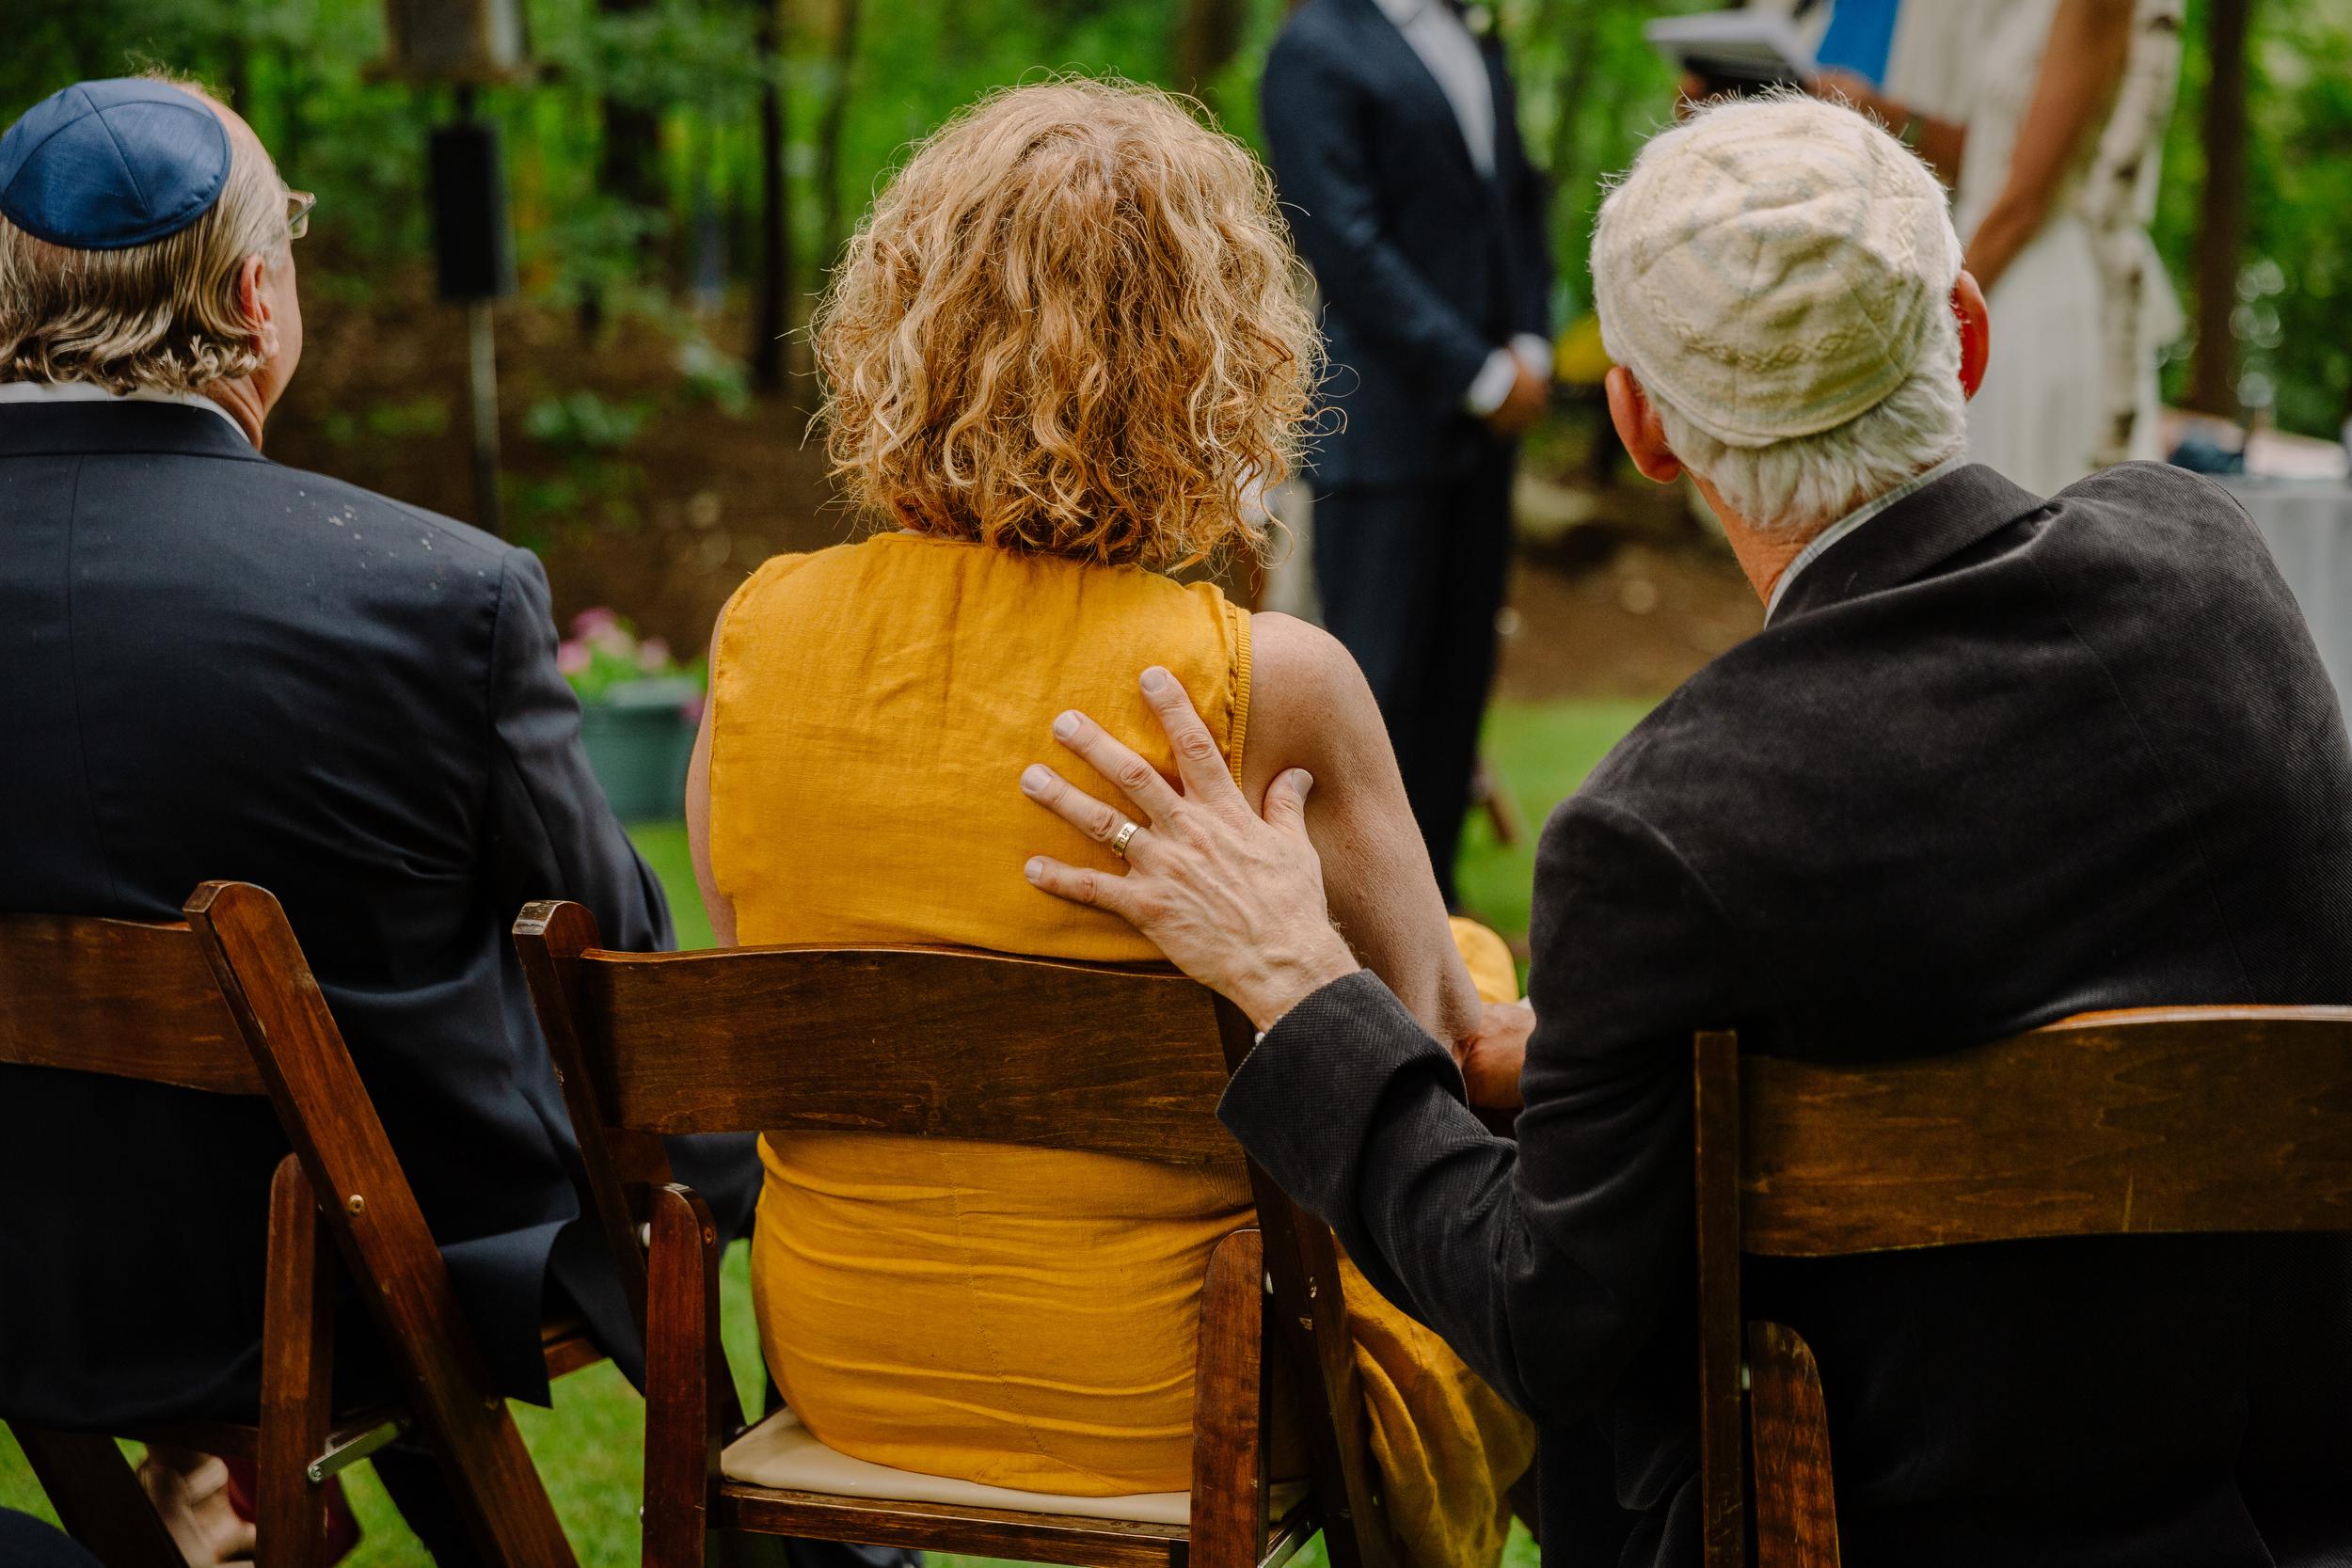 capecod_backyard_wedding_photos_mikhail_24.JPG